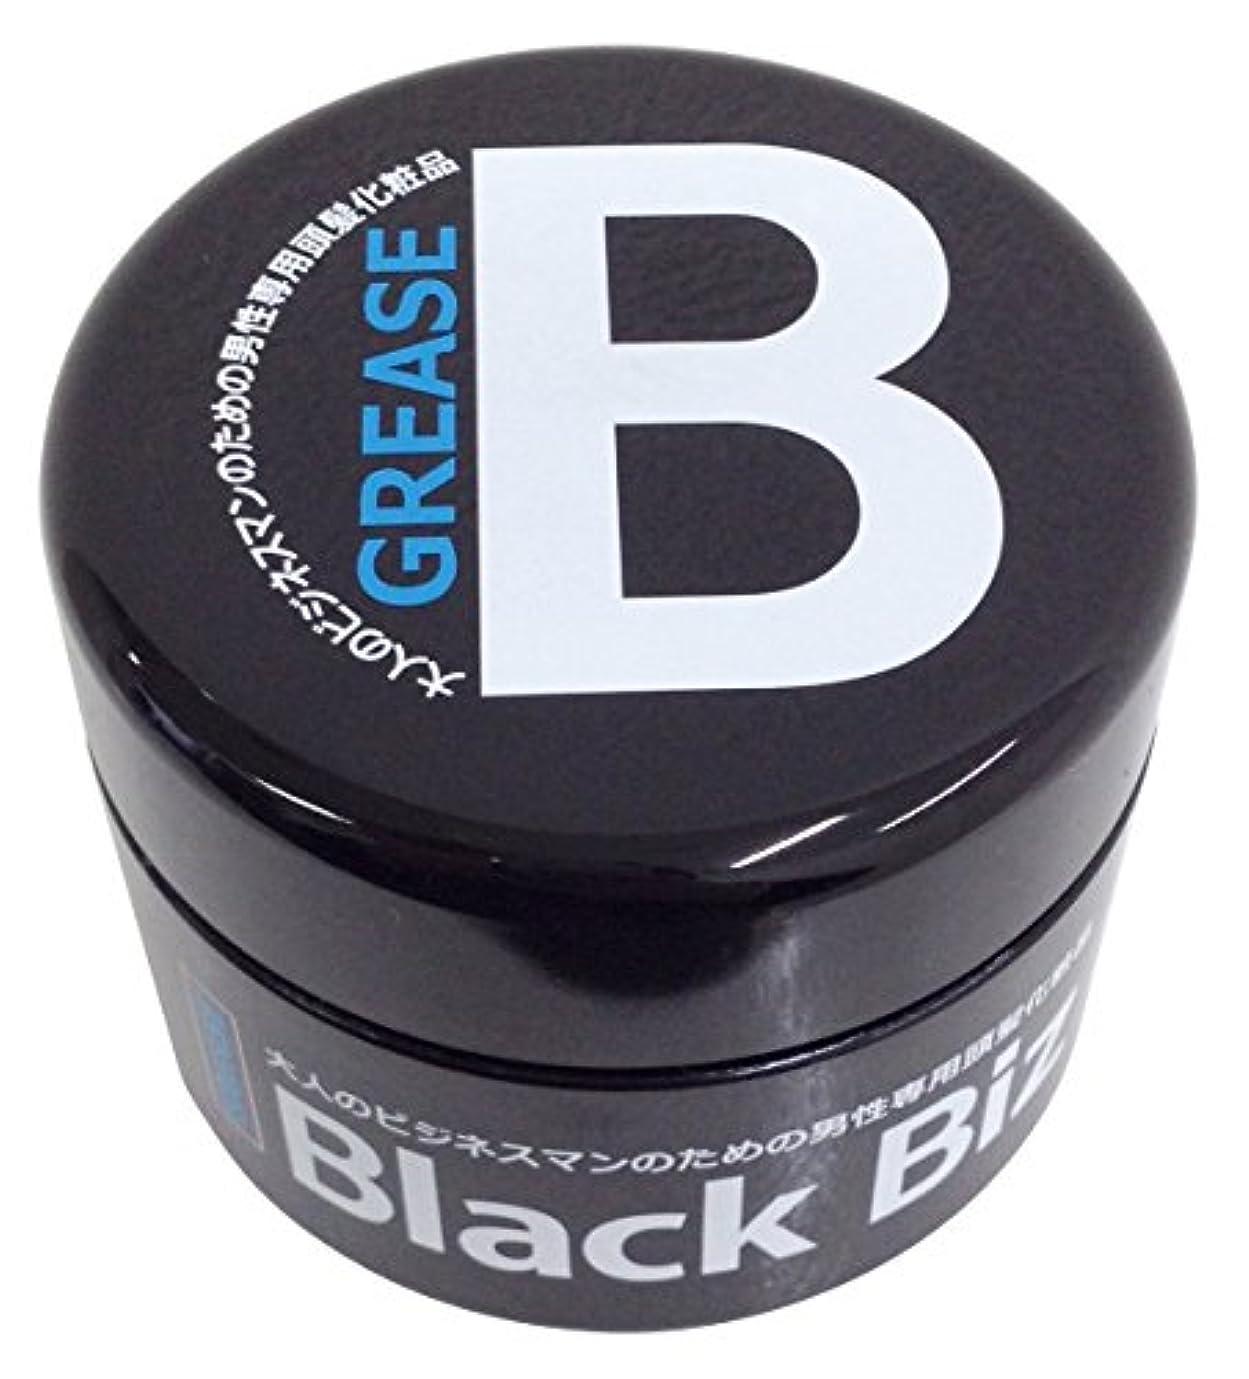 帰る行く価格大人のビジネスマンのための男性専用頭髪化粧品 BlackBiz GREASE SOFT ブラックビズ グリース ソフト